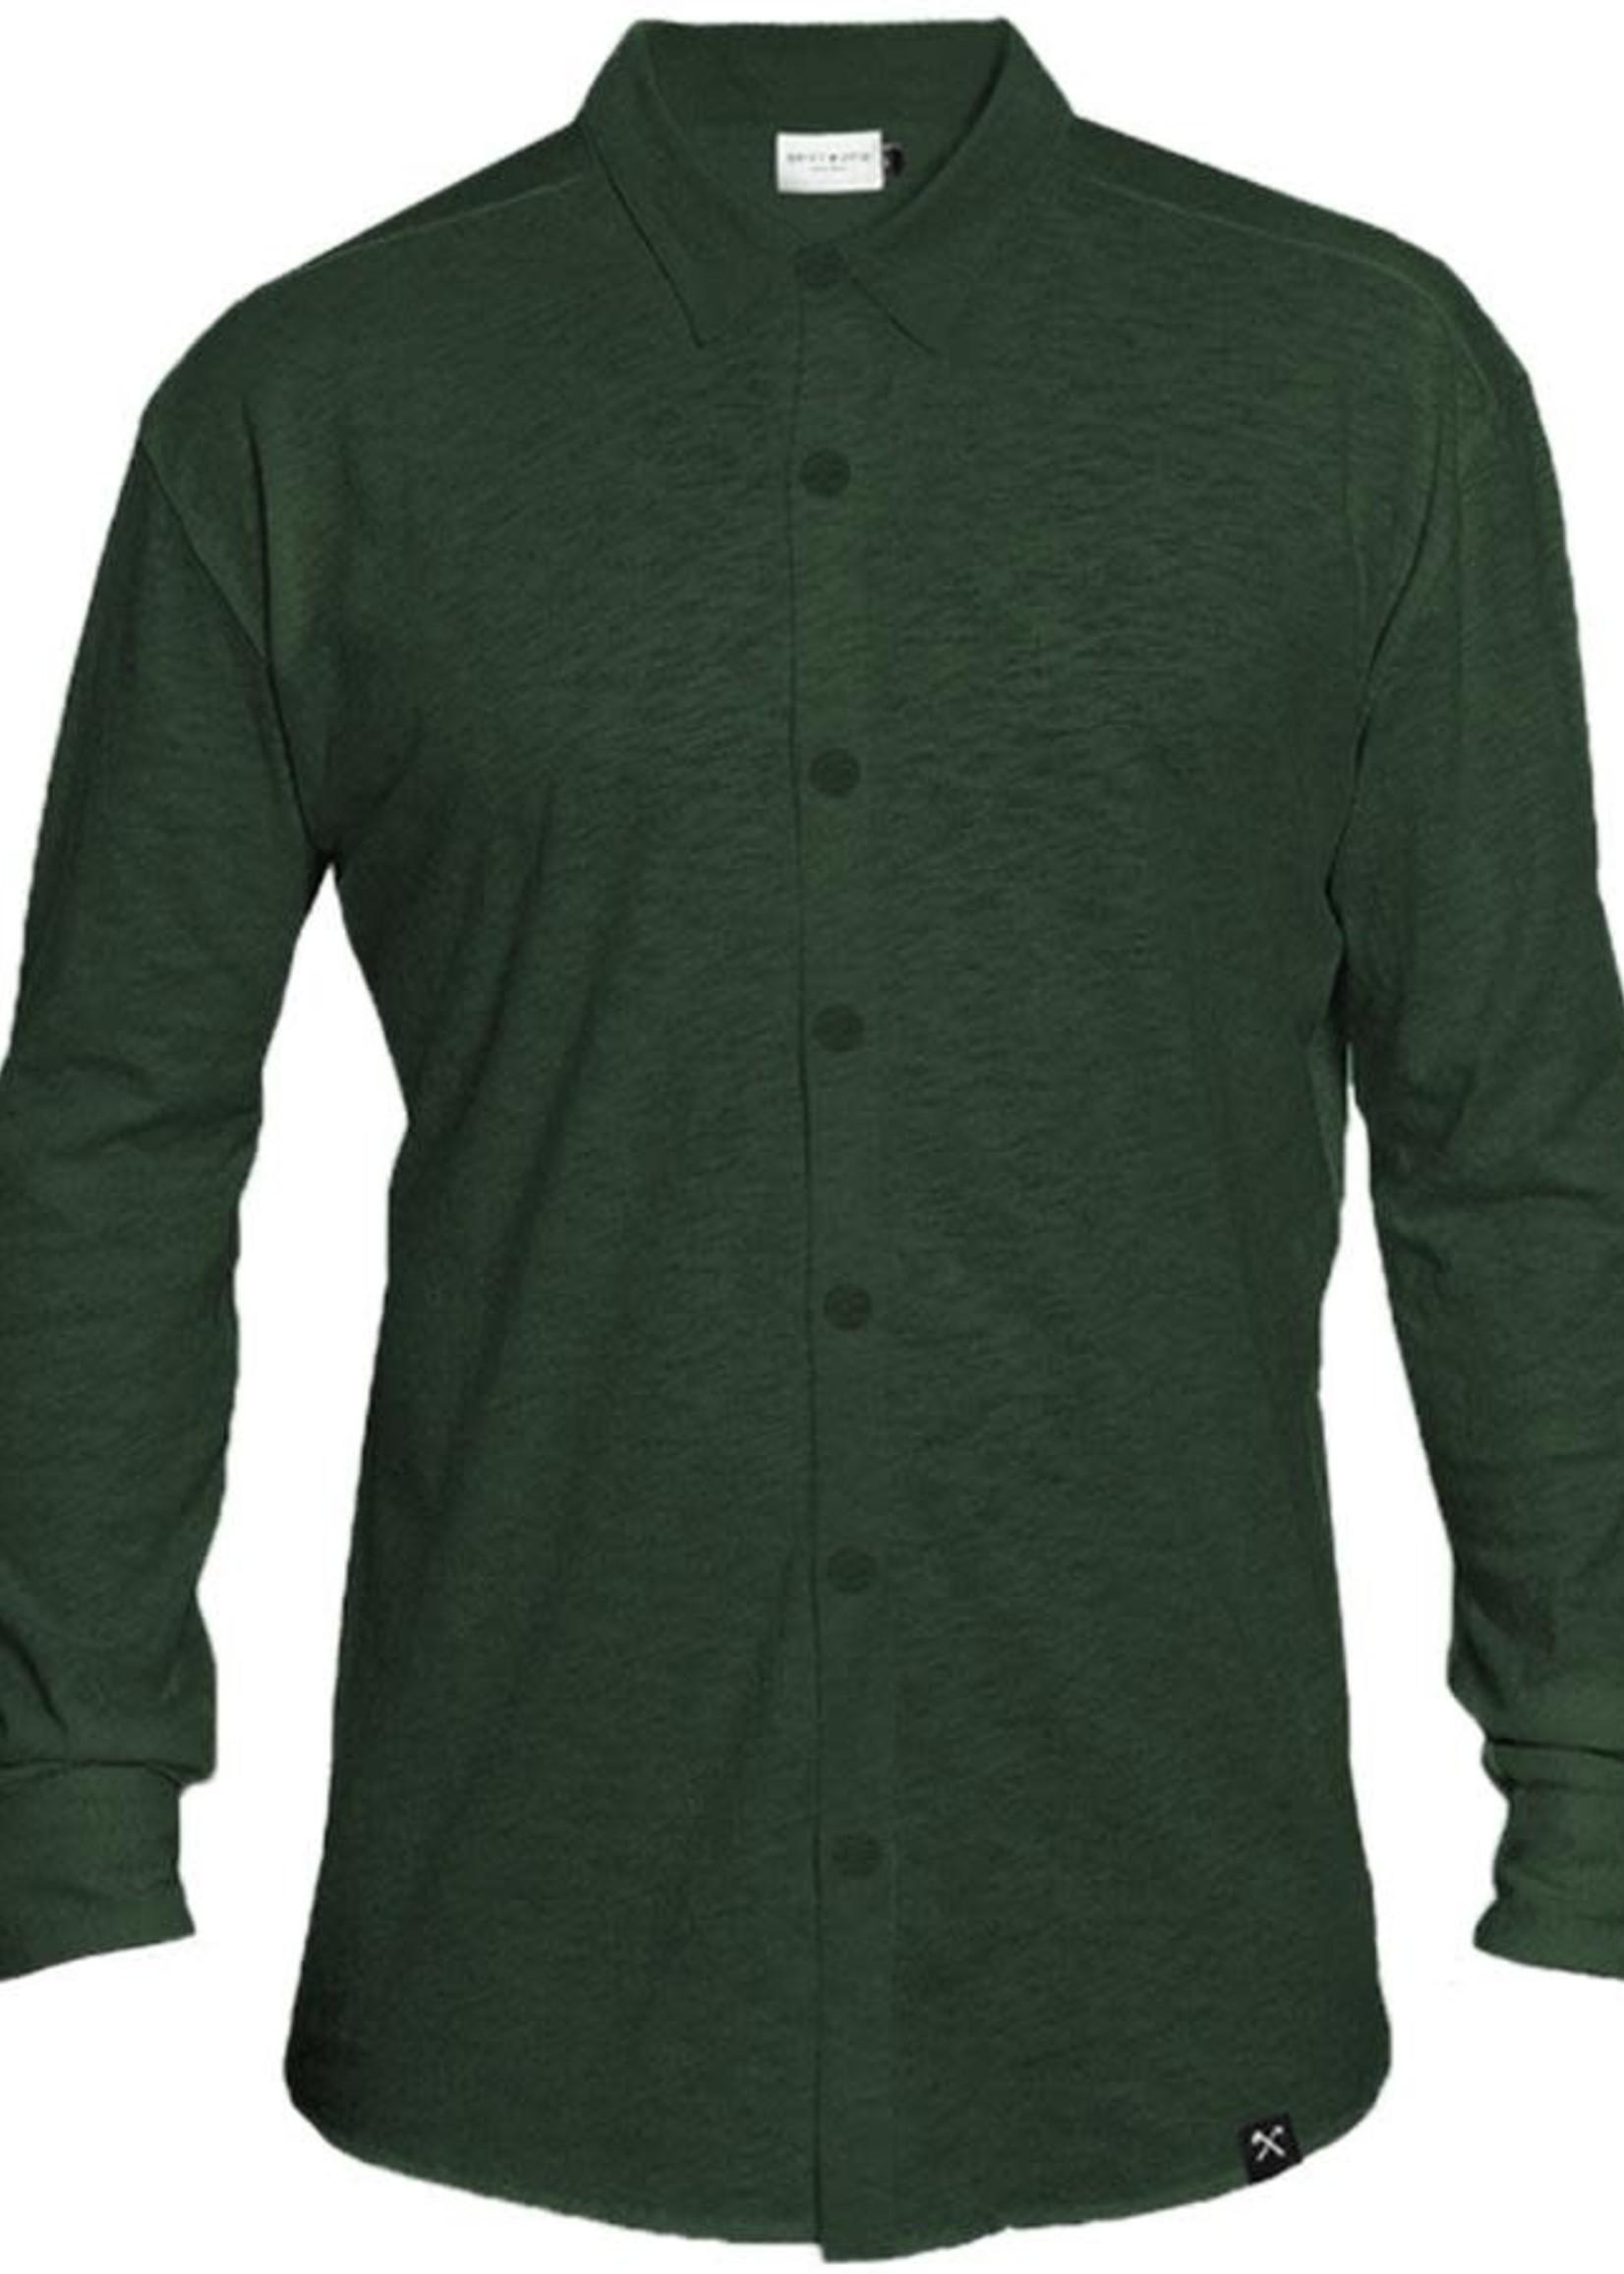 The Driftwood Tales The Driftwood Tales - Overhemd Biologisch katoen - donker groen